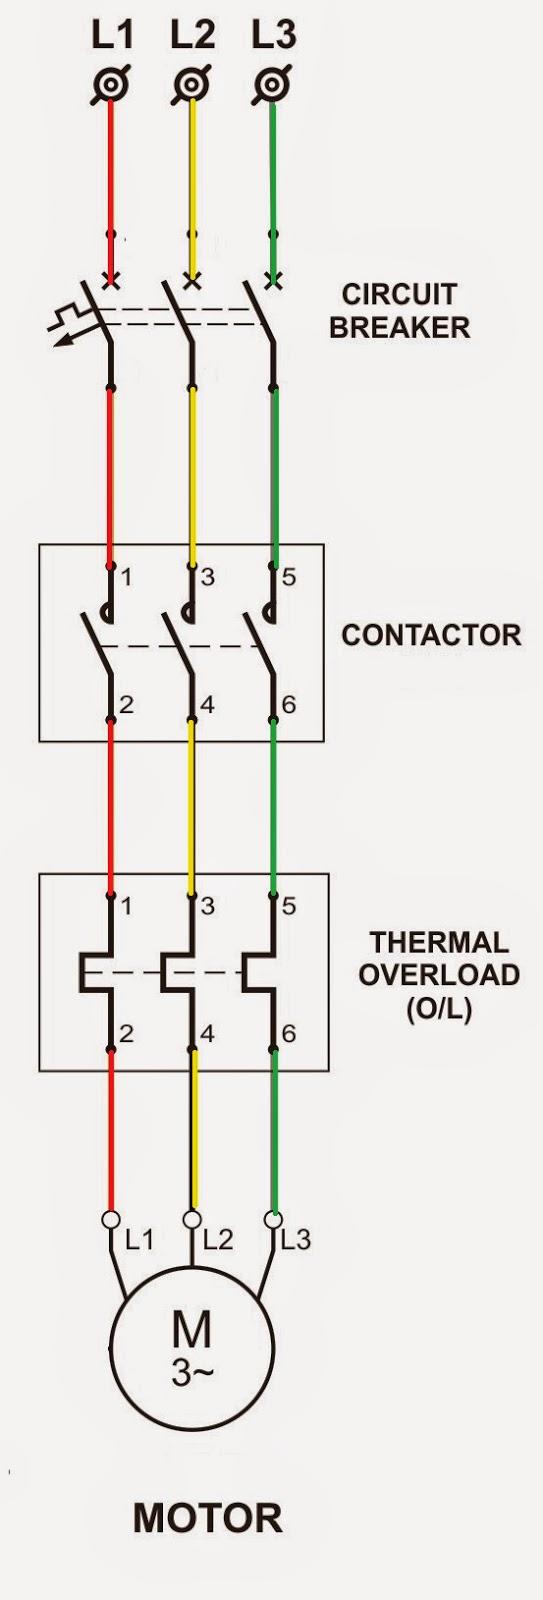 Power+Ciruit?resize=543%2C1600 dol starter wiring diagram for single phase motor the best mem dol starter wiring diagram at readyjetset.co